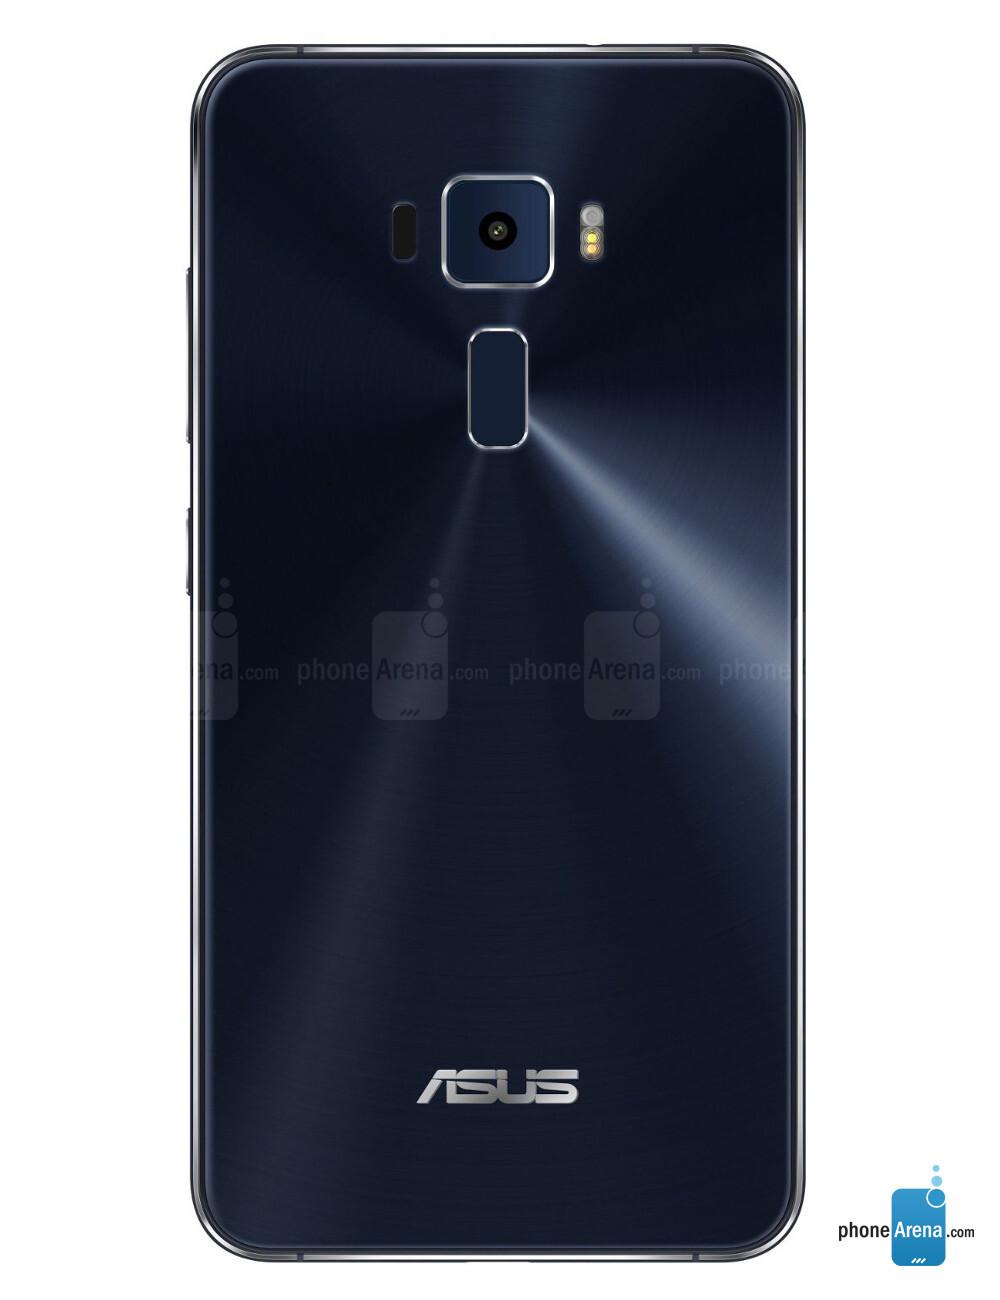 Asus ZenFone 3 specs